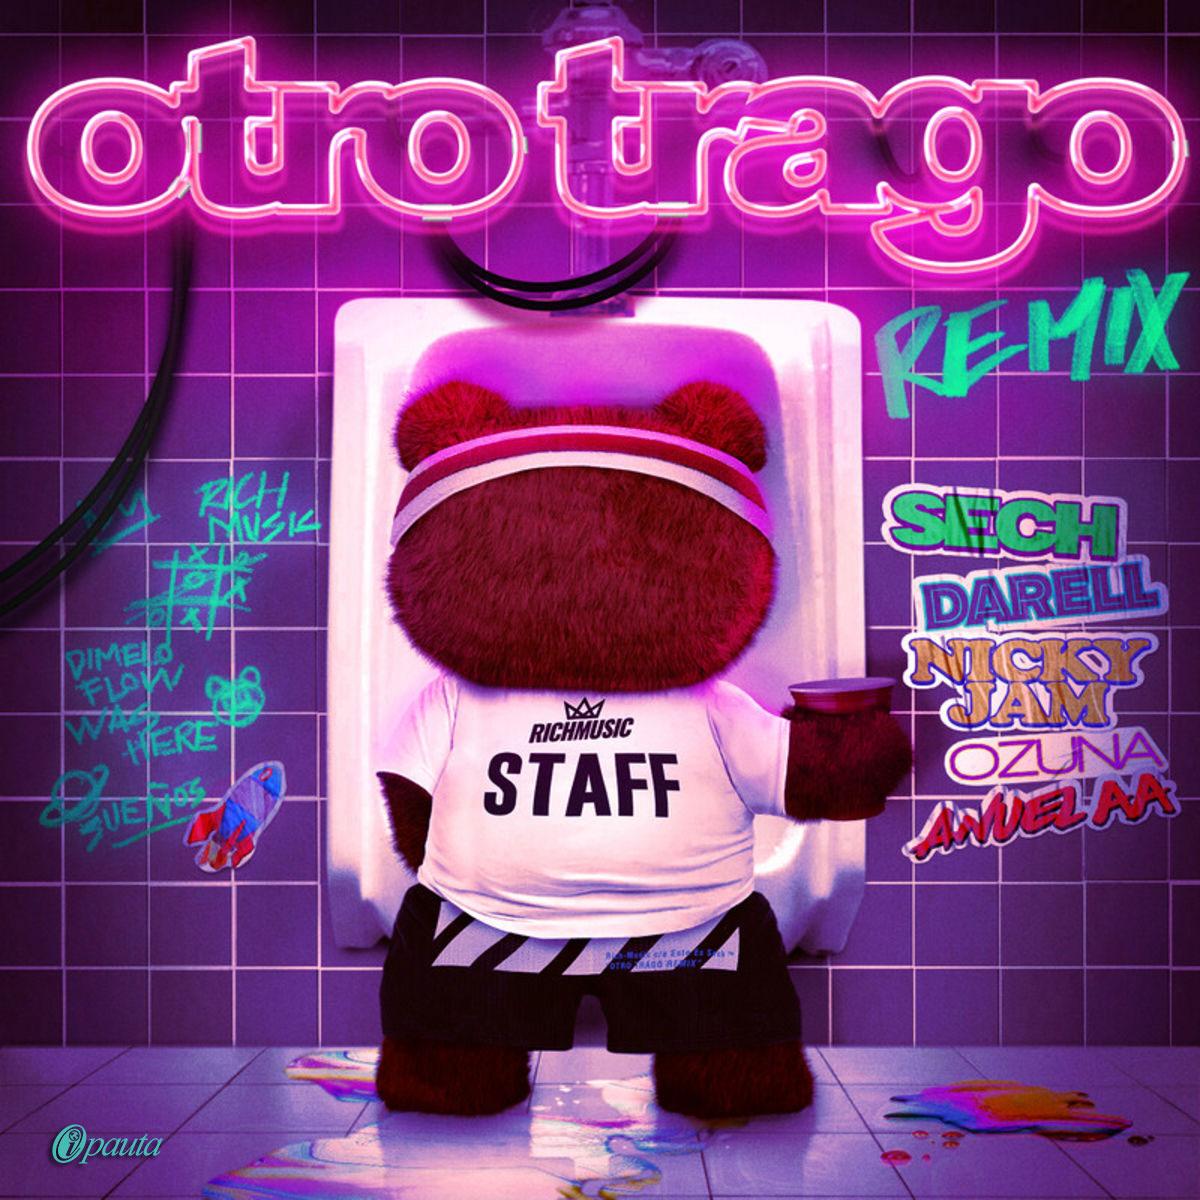 Photo of Sech estrena 'Otro Trago Remix' junto a  Ozuna, Nicky Jam y Anuel AA